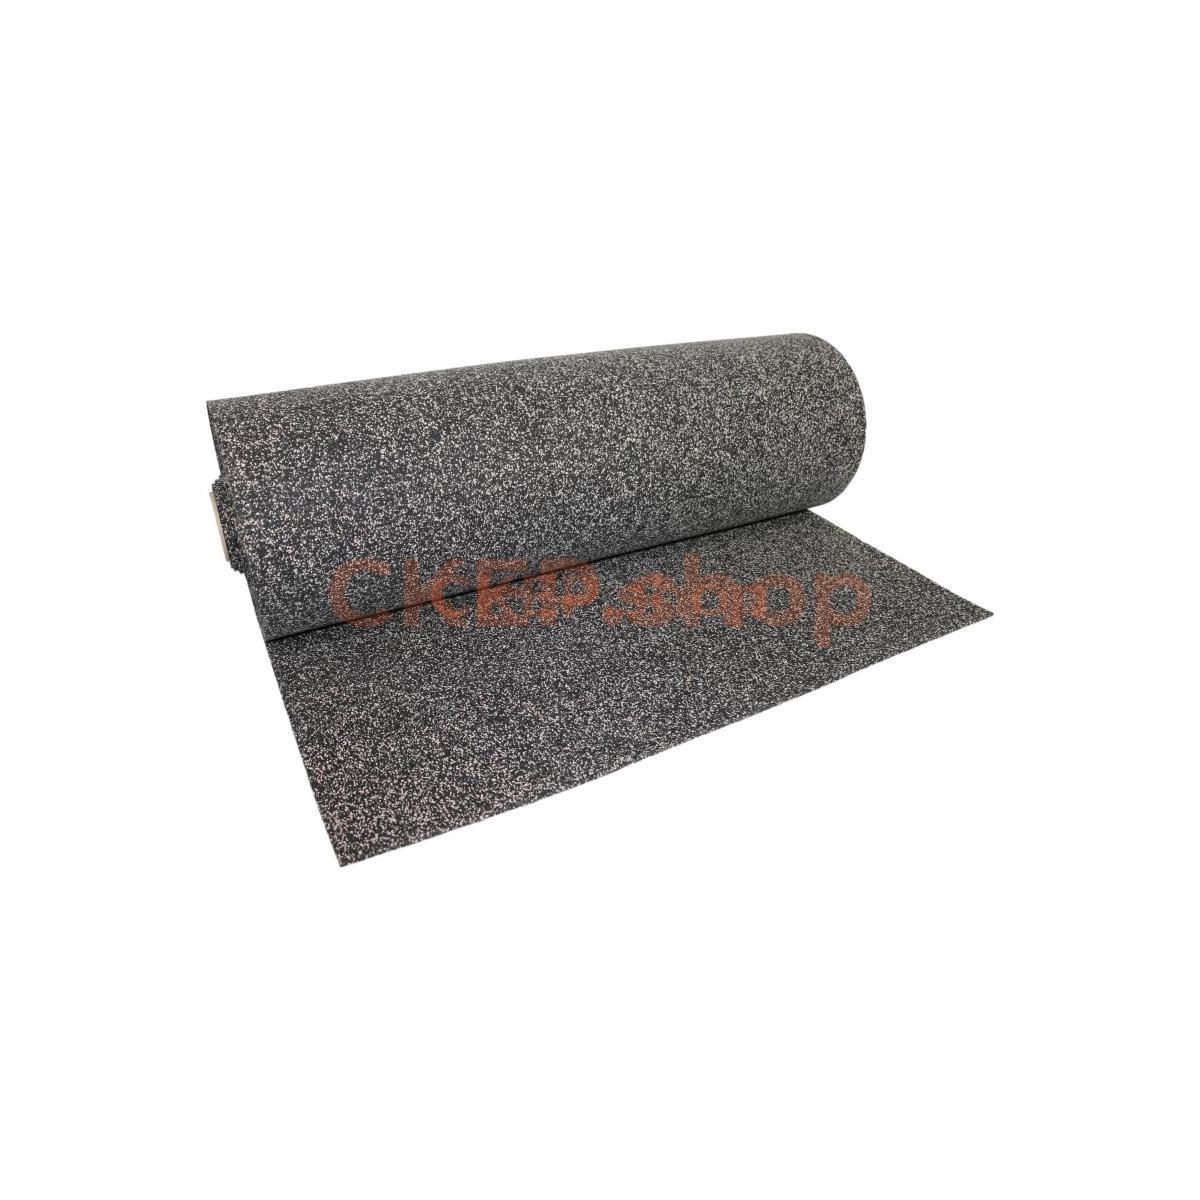 Покрытие резиновое рулонное EPDM 30%, 6 мм, бежевый